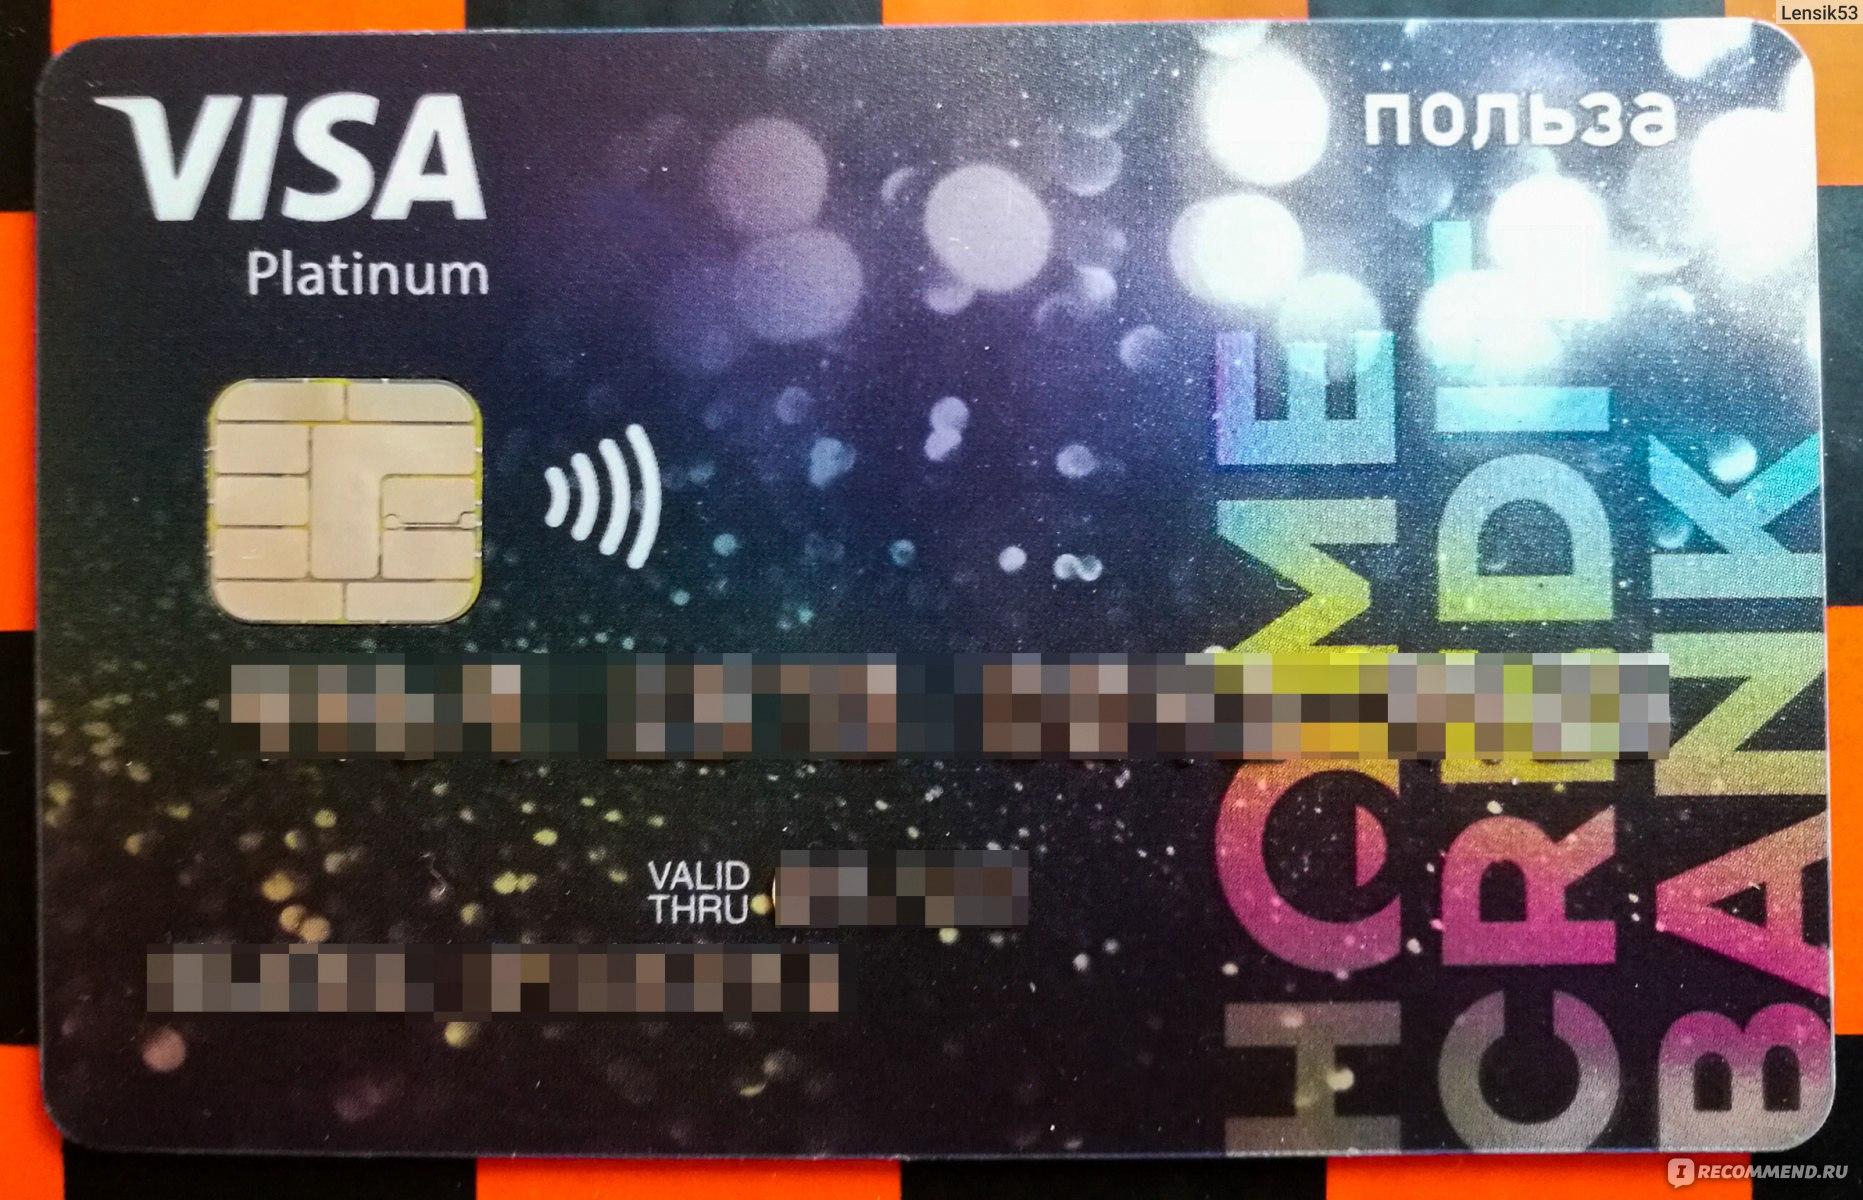 хоум кредит банк дебетовая карта польза отзывы займ экспресс отзывы клиентов москва